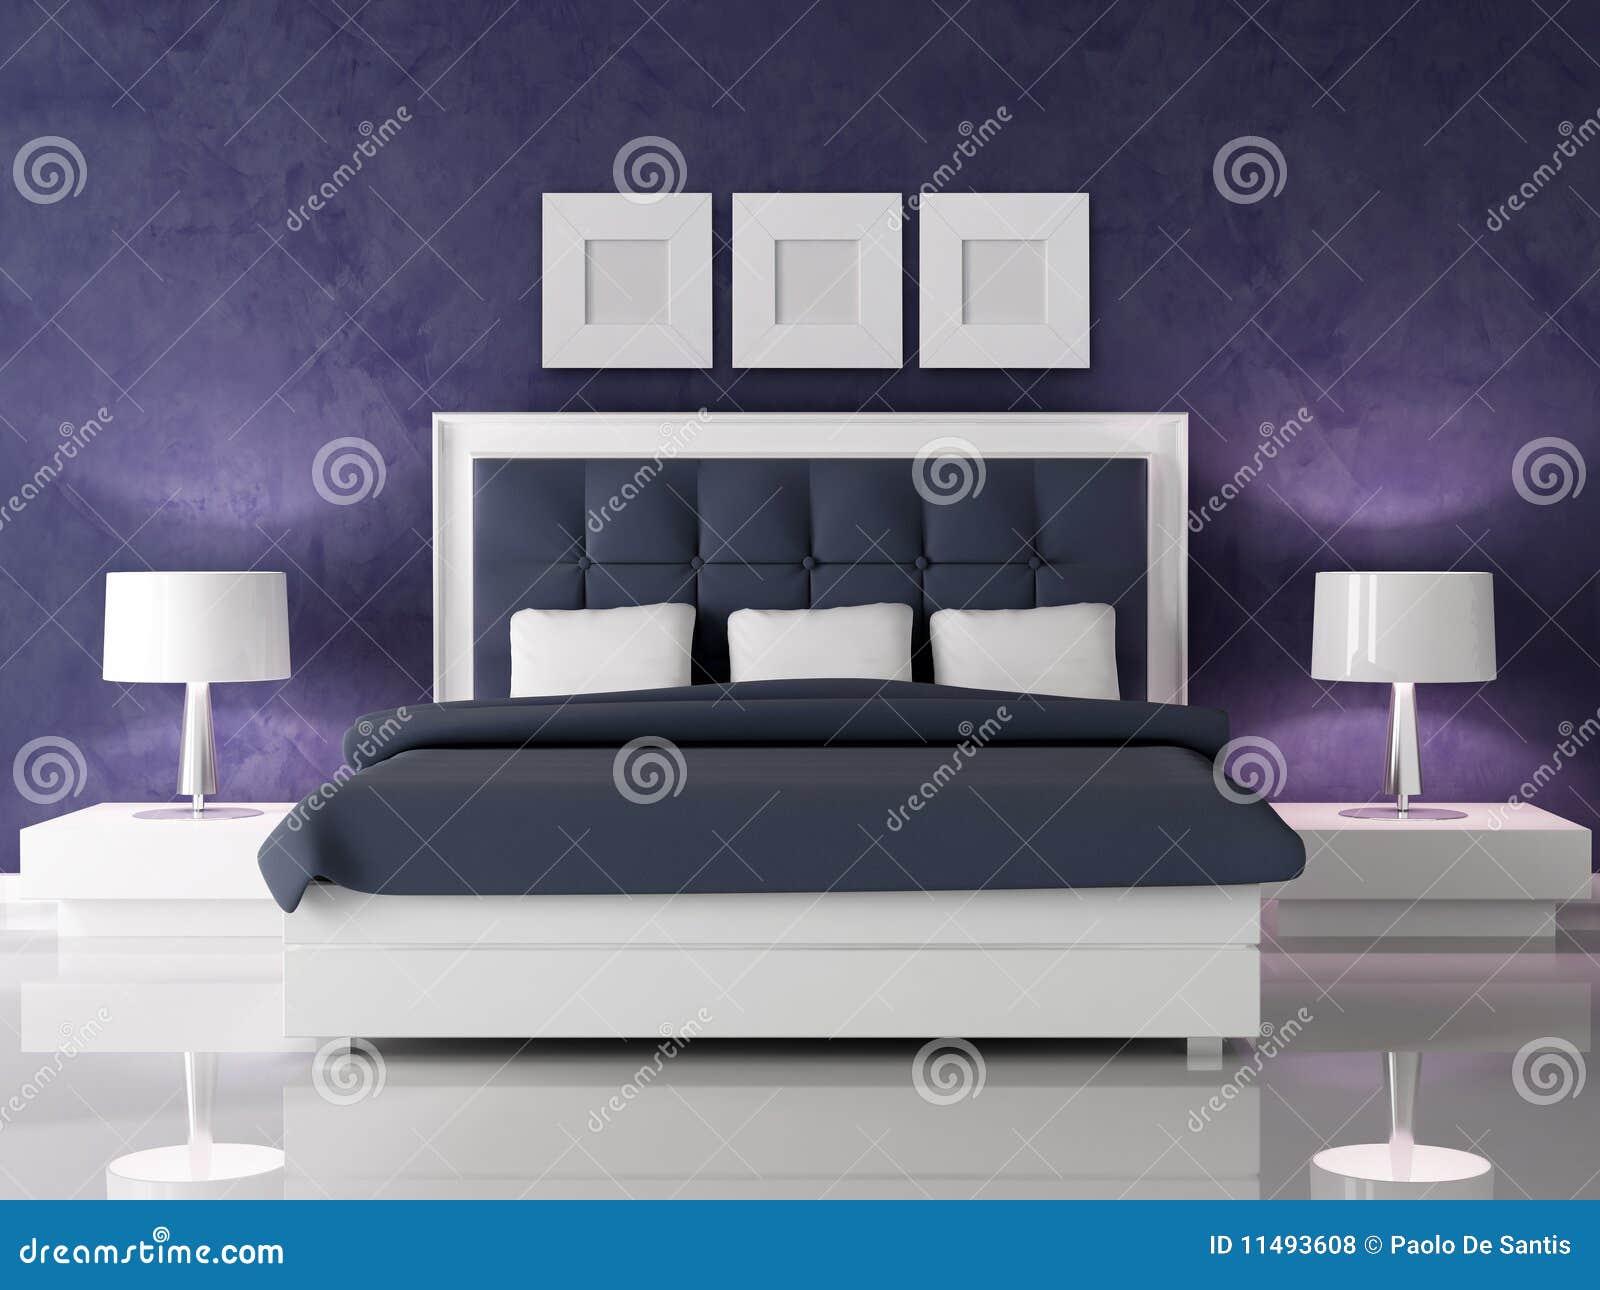 Camere Da Letto Viola : Camera da letto viola scura illustrazione di stock illustrazione